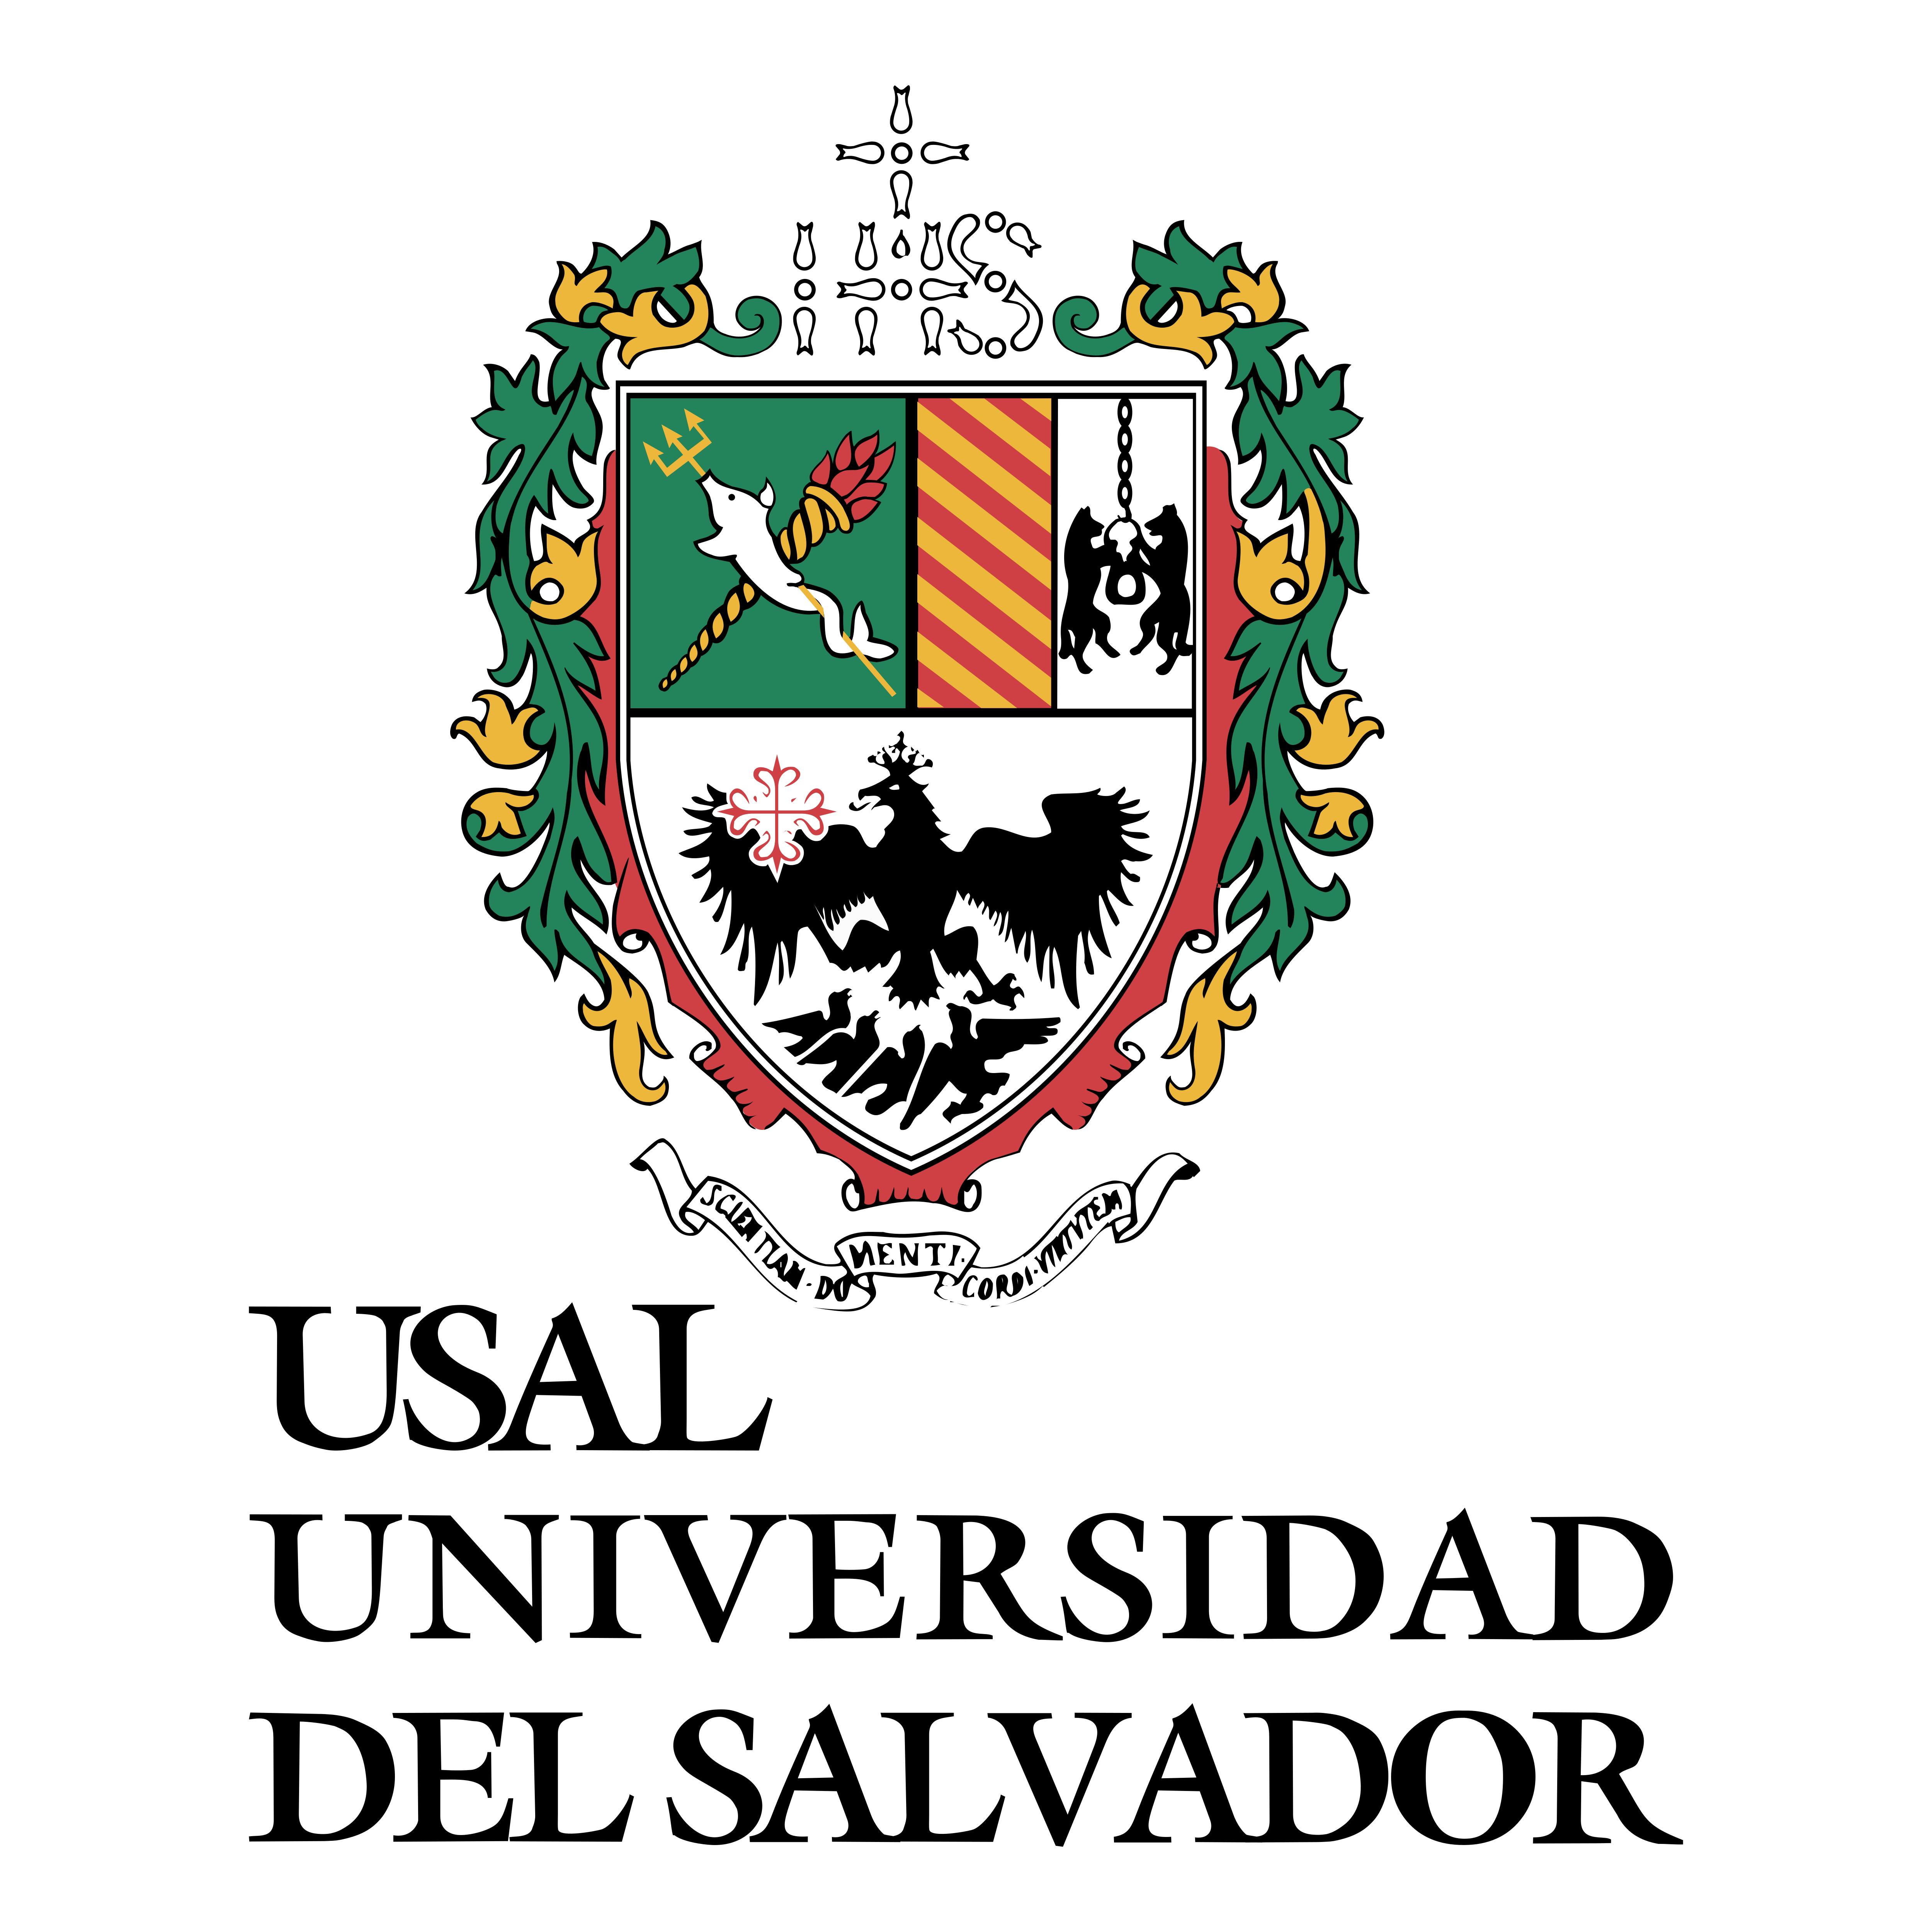 universidad del salvador logos download